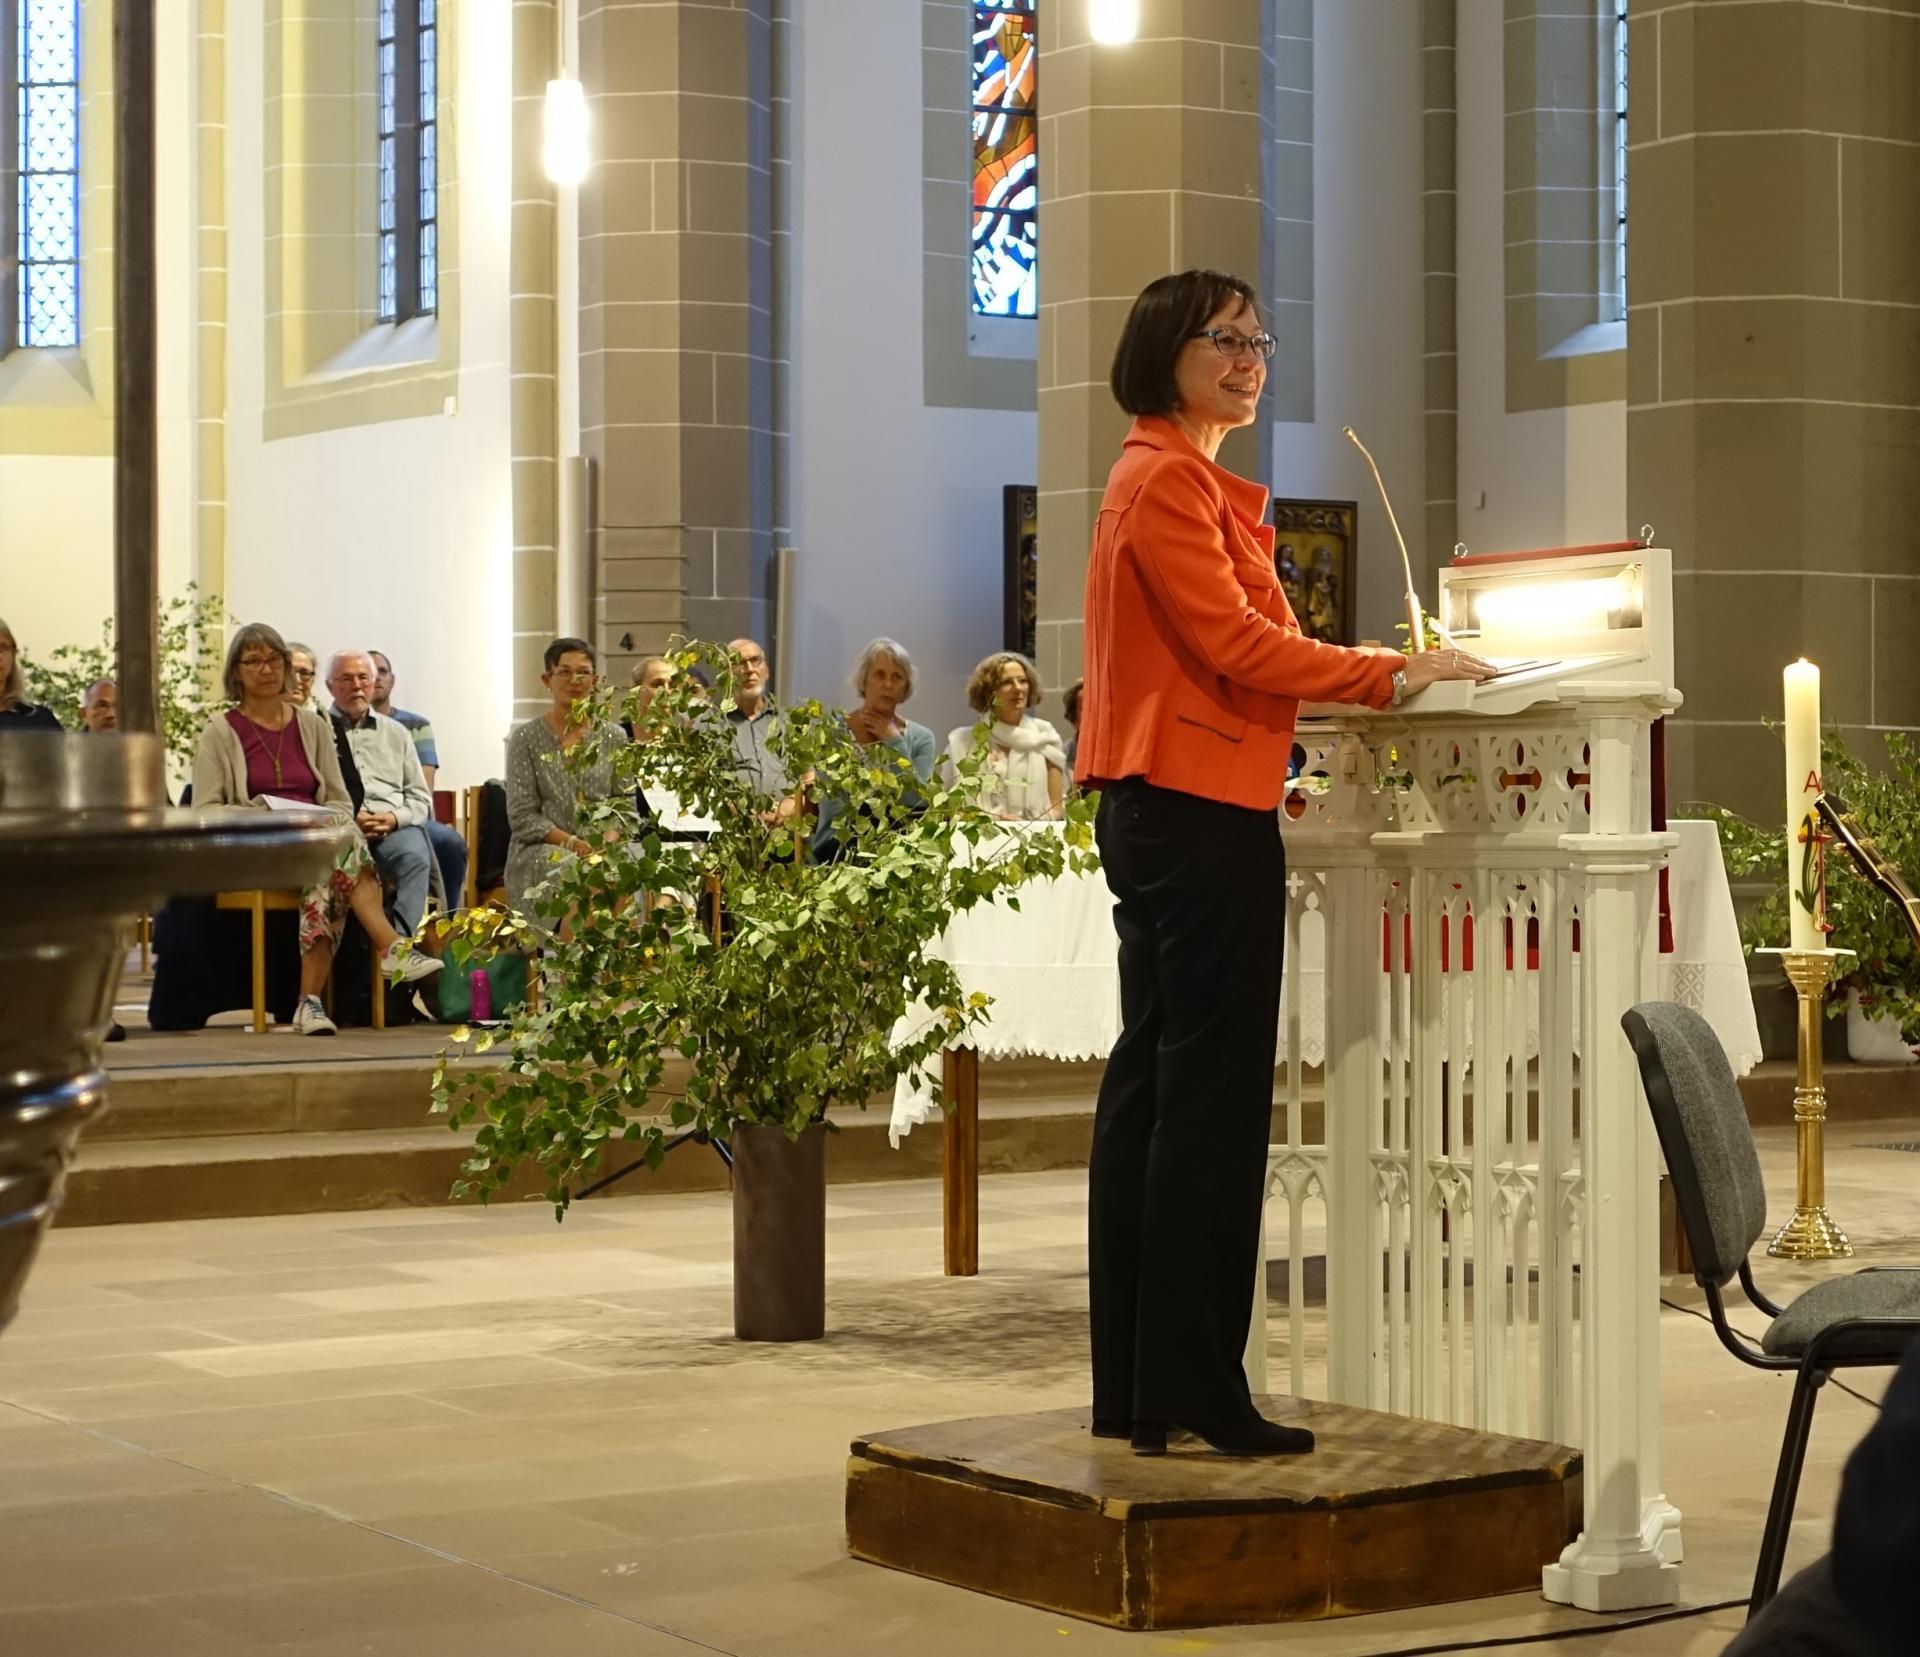 Der erste Besuch im Kirchenkreis Leine Solling von Regionalbischöfin Adelheid Ruck-Schröder galt der St.Sixti Kirchengemeinde